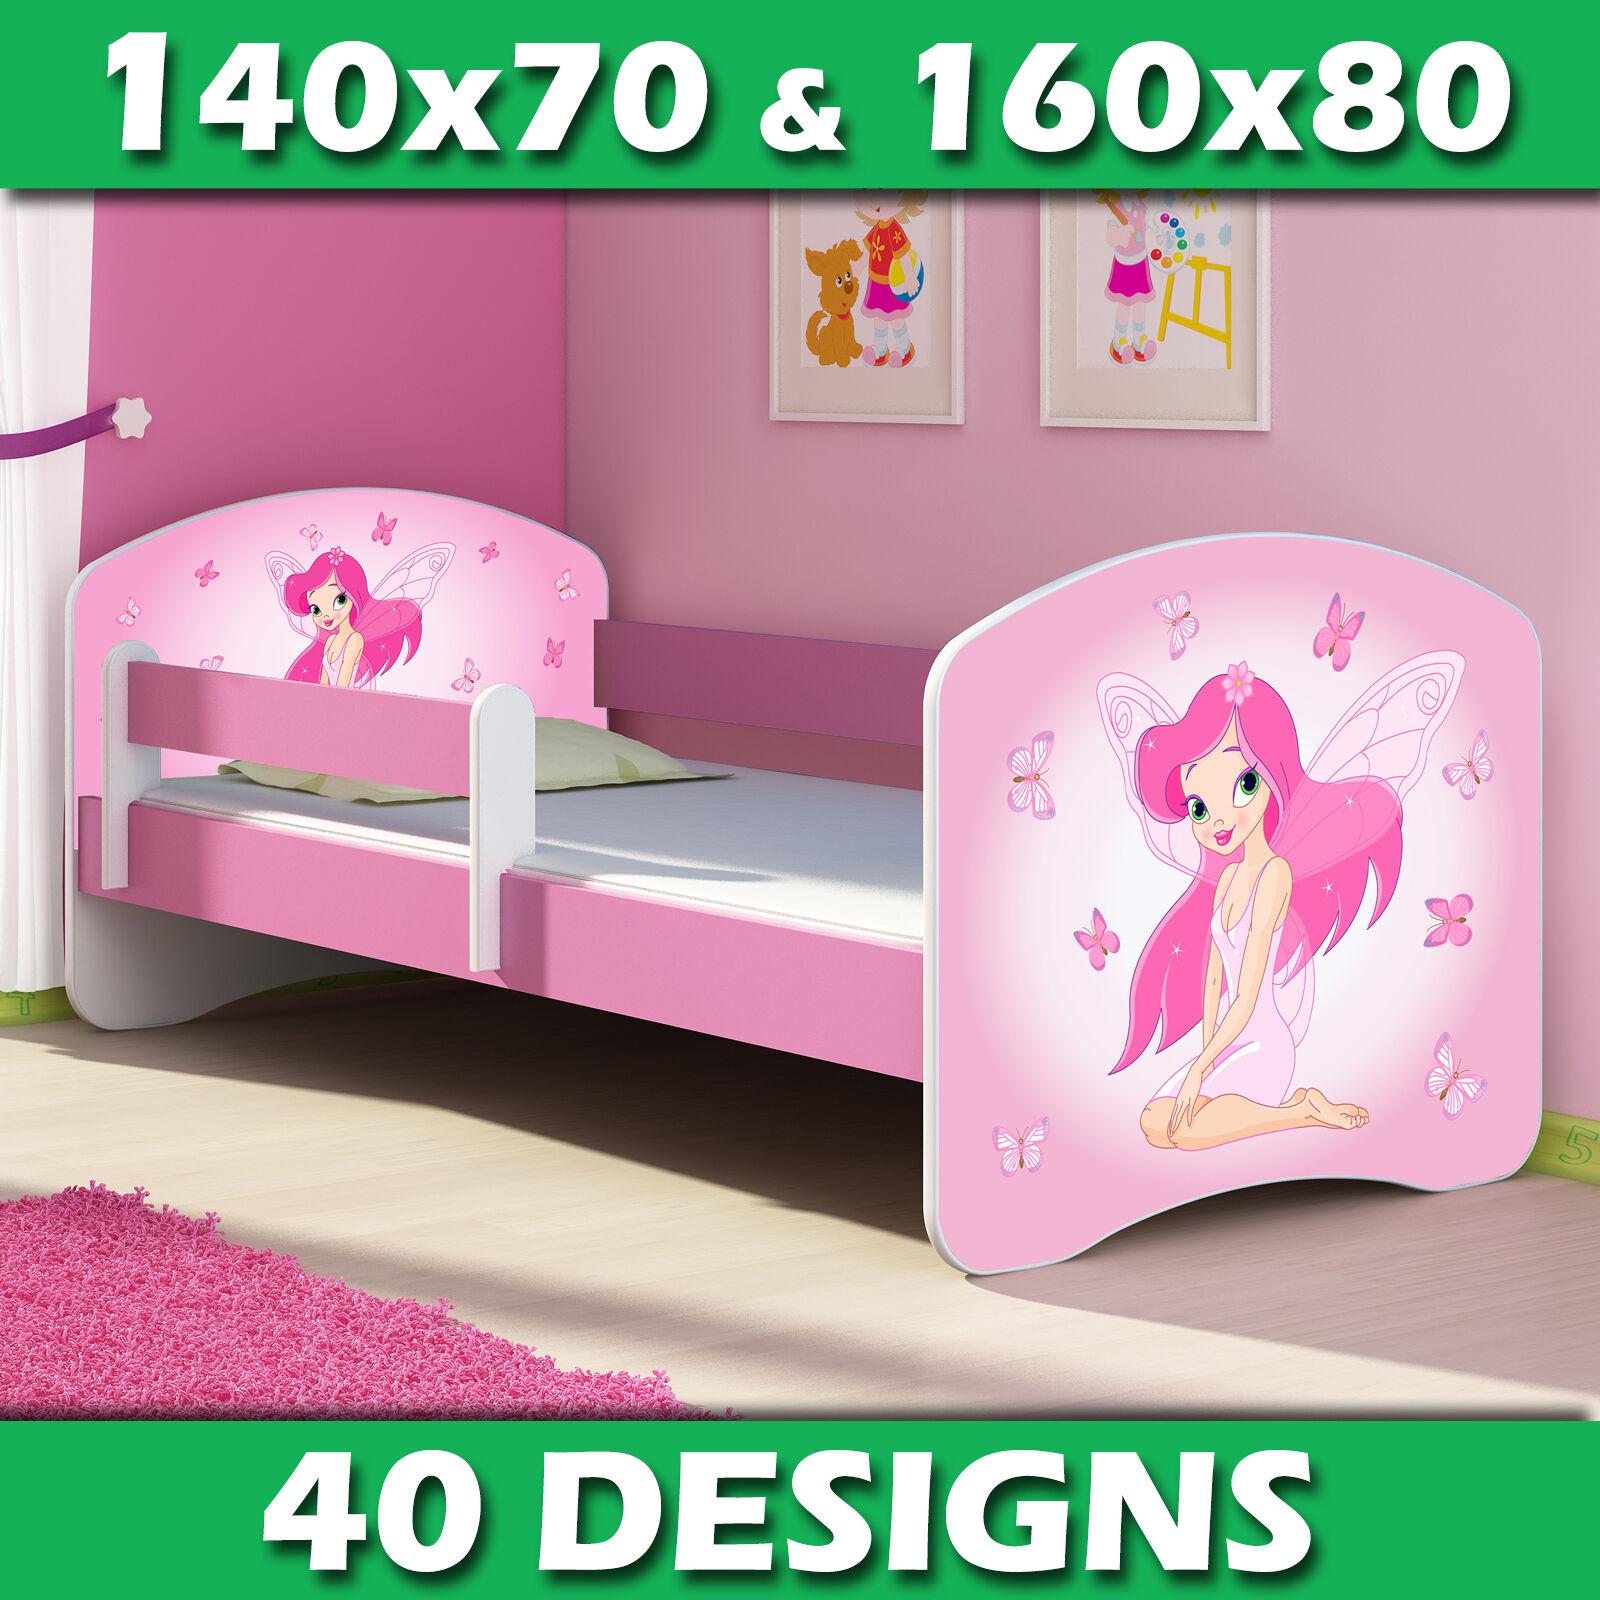 Lit enfant Bébé 140x70 160x80 + MATELAS + LIVRAISON GRATUITE ROSE